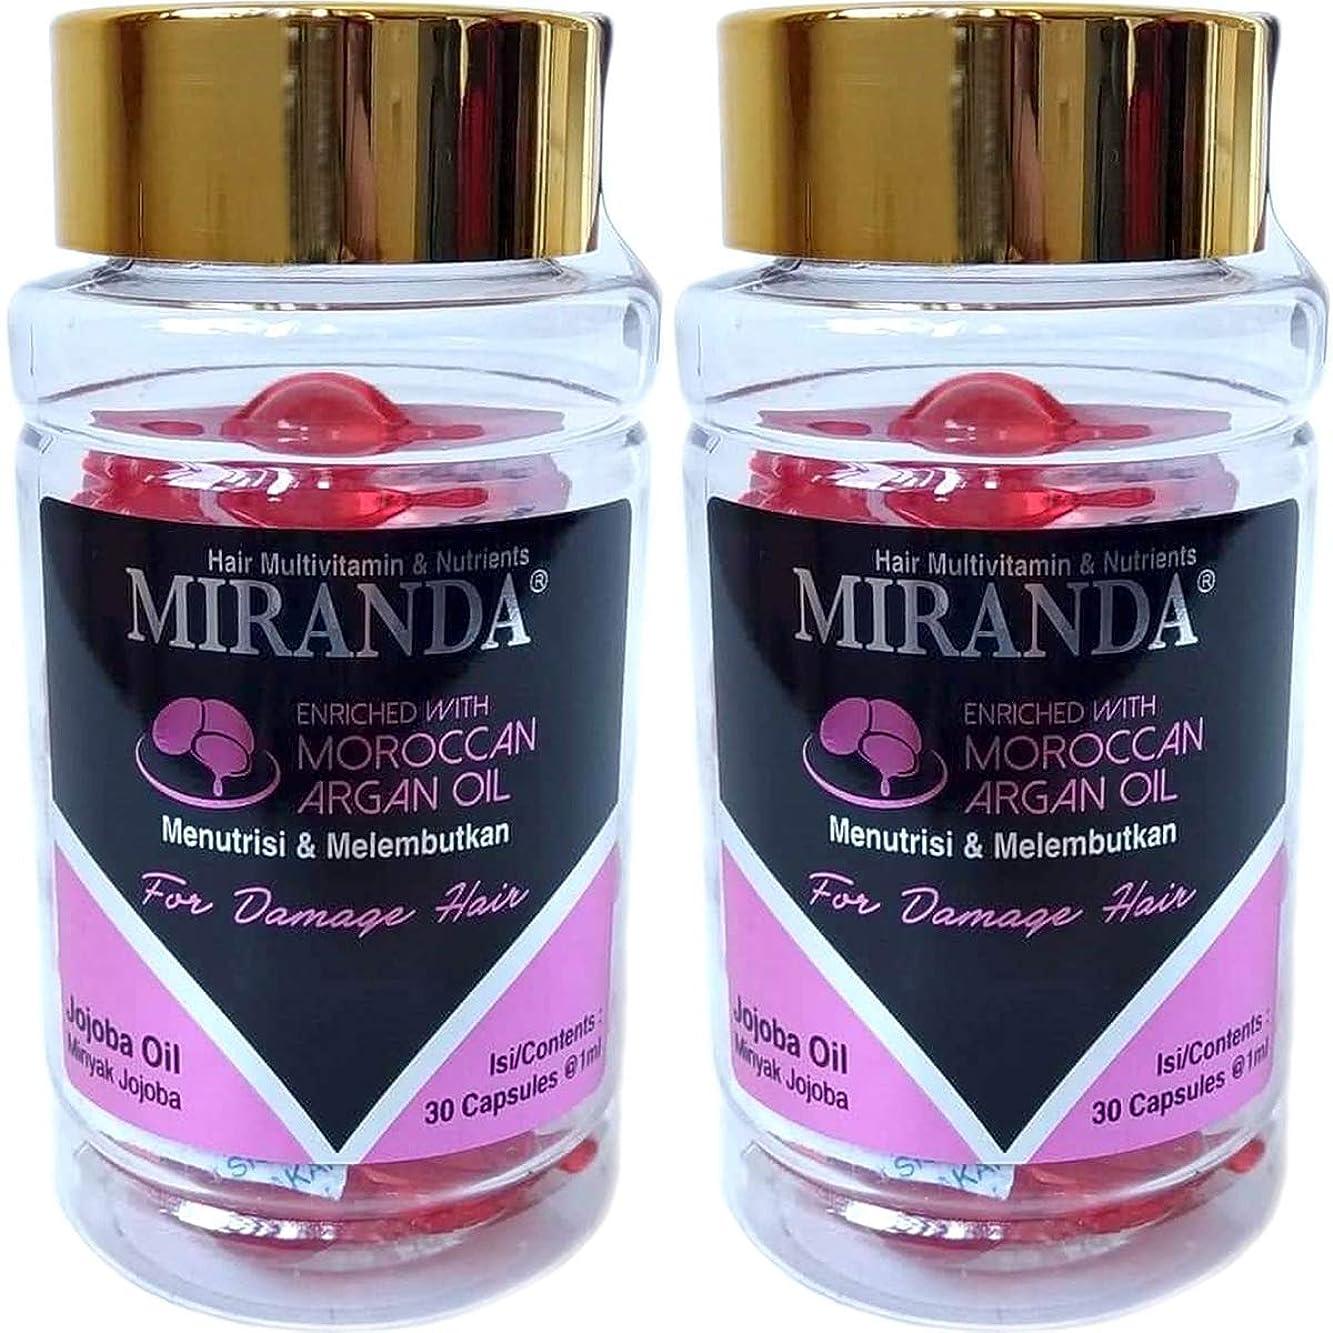 安心要件弾力性のあるMIRANDA ミランダ Hair Multivitamin&Nutrients ヘアマルチビタミン ニュートリエンツ 洗い流さないヘアトリートメント 30粒入ボトル×2個セット Jojoba oil ホホバオイル [海外直送品]